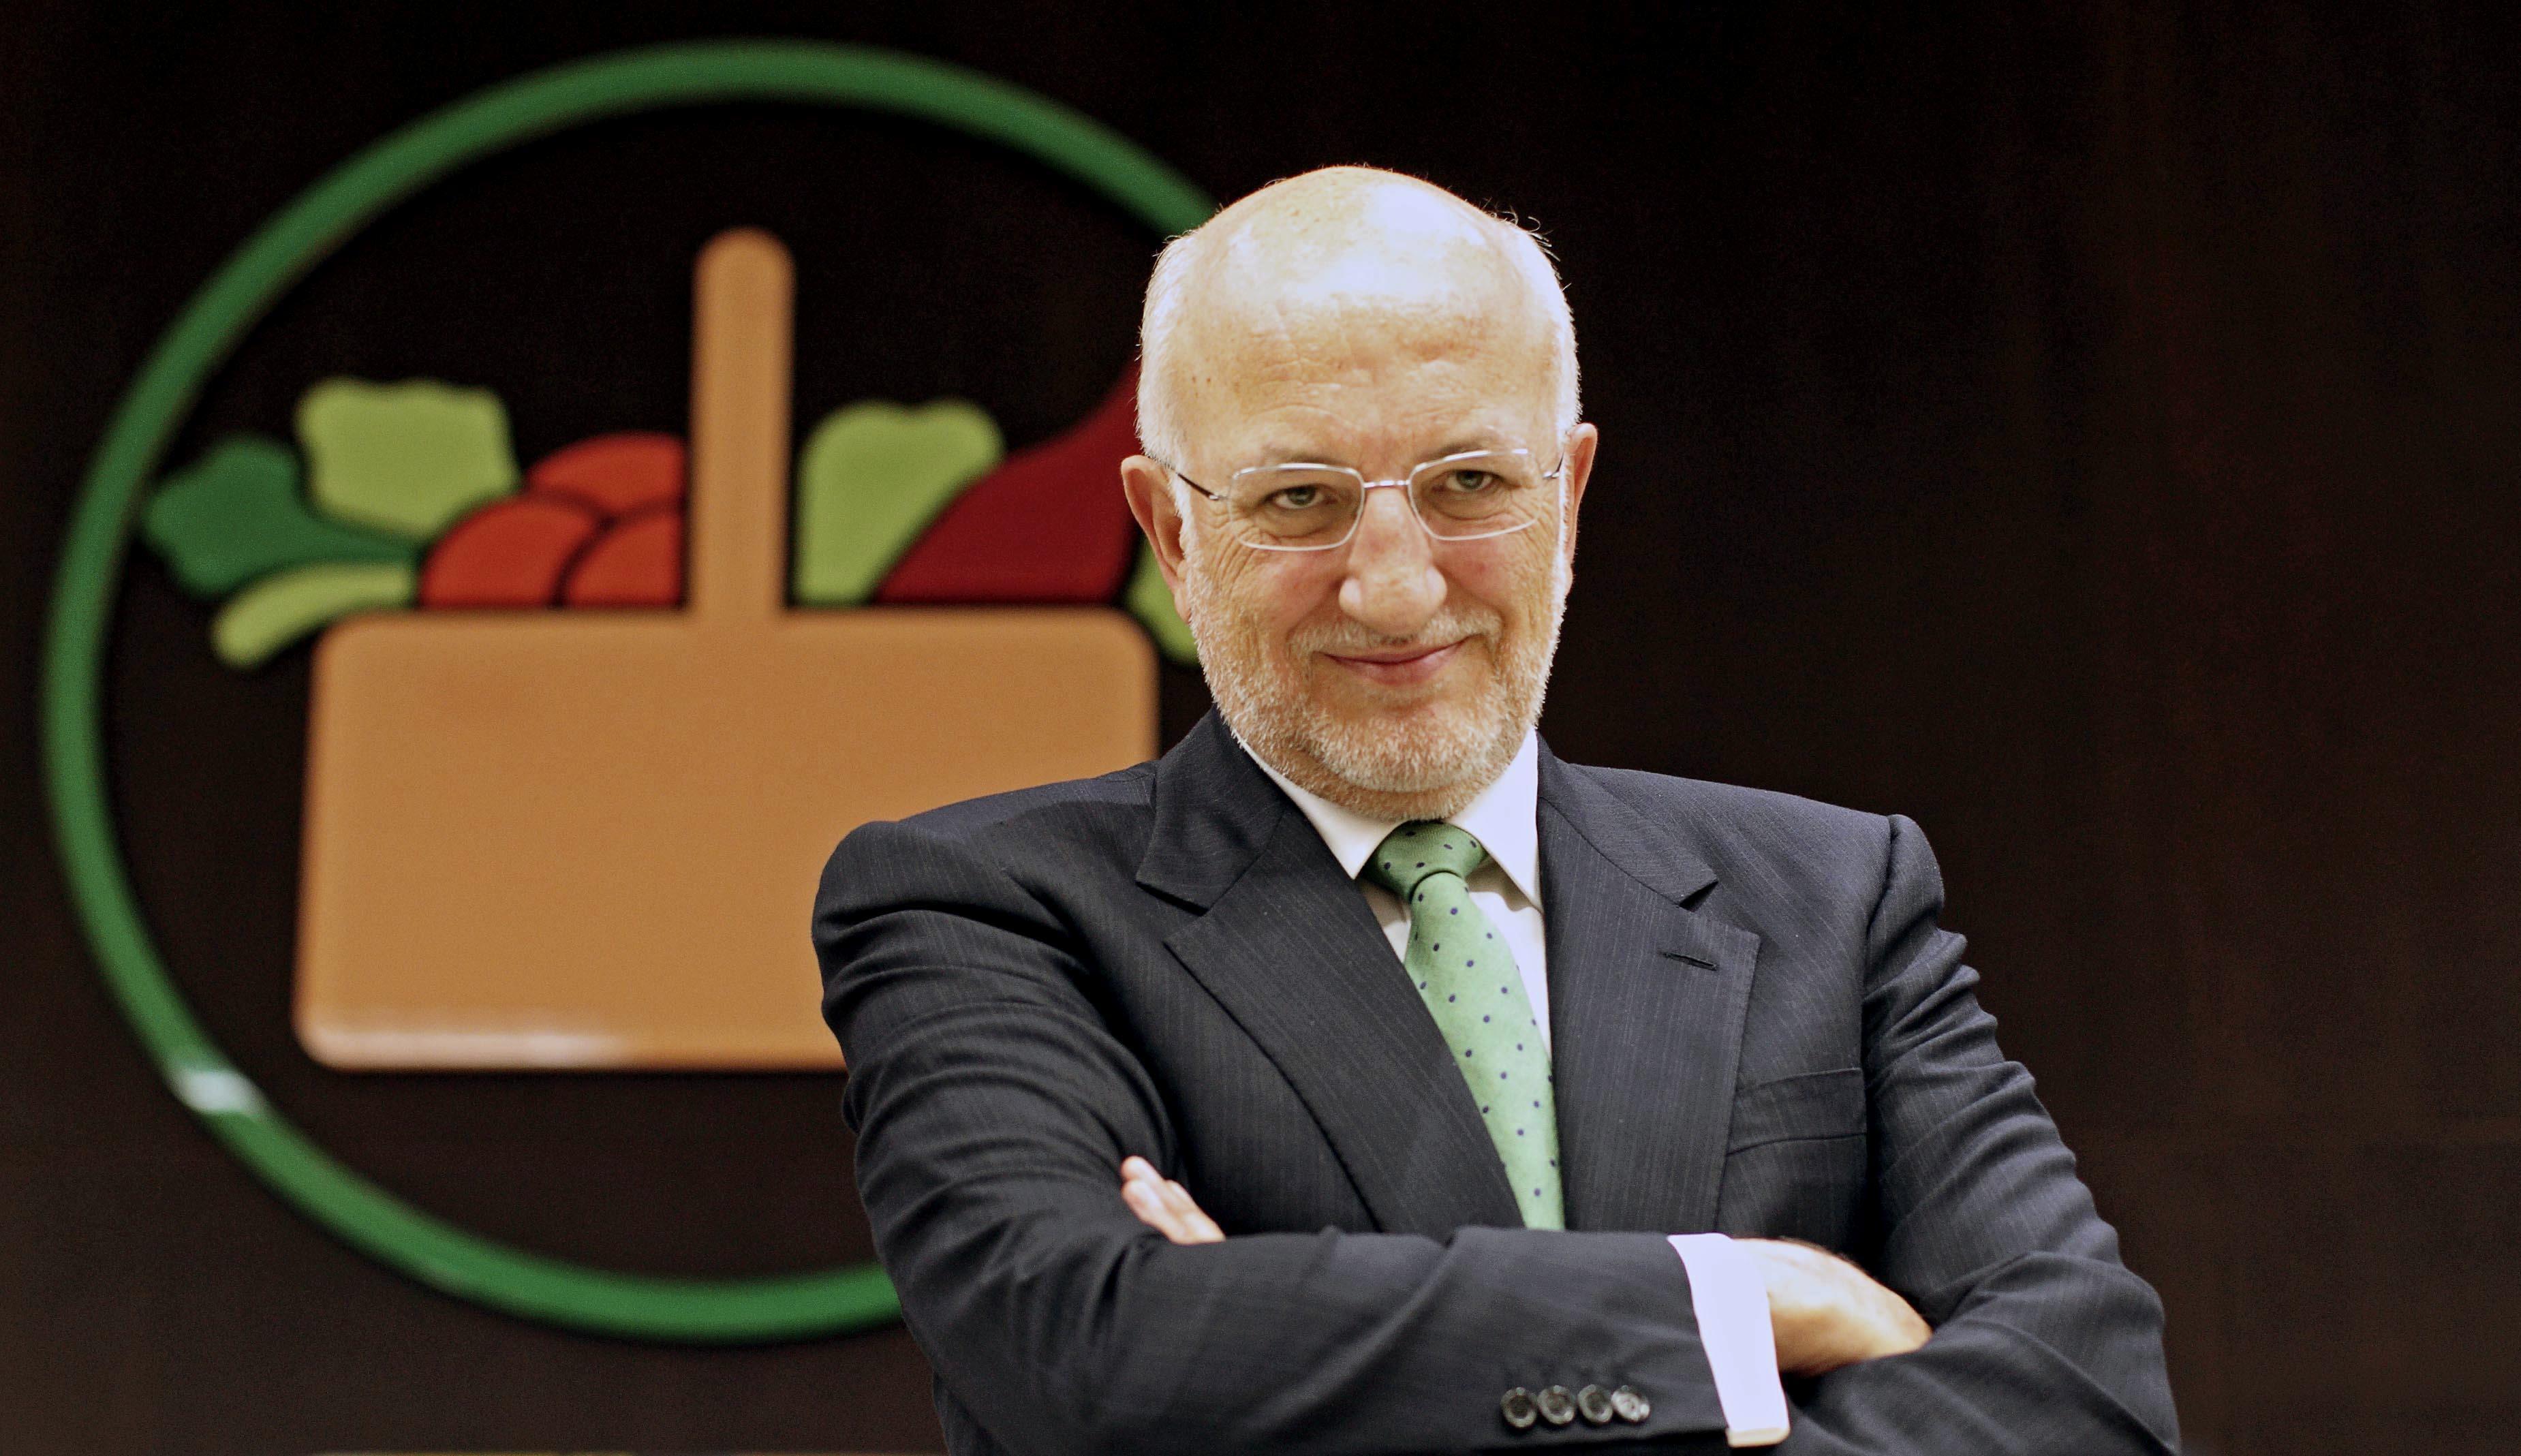 El presidente de Mercadona niega haber dado dinero al PP pero sí 100.000 euros a FAES